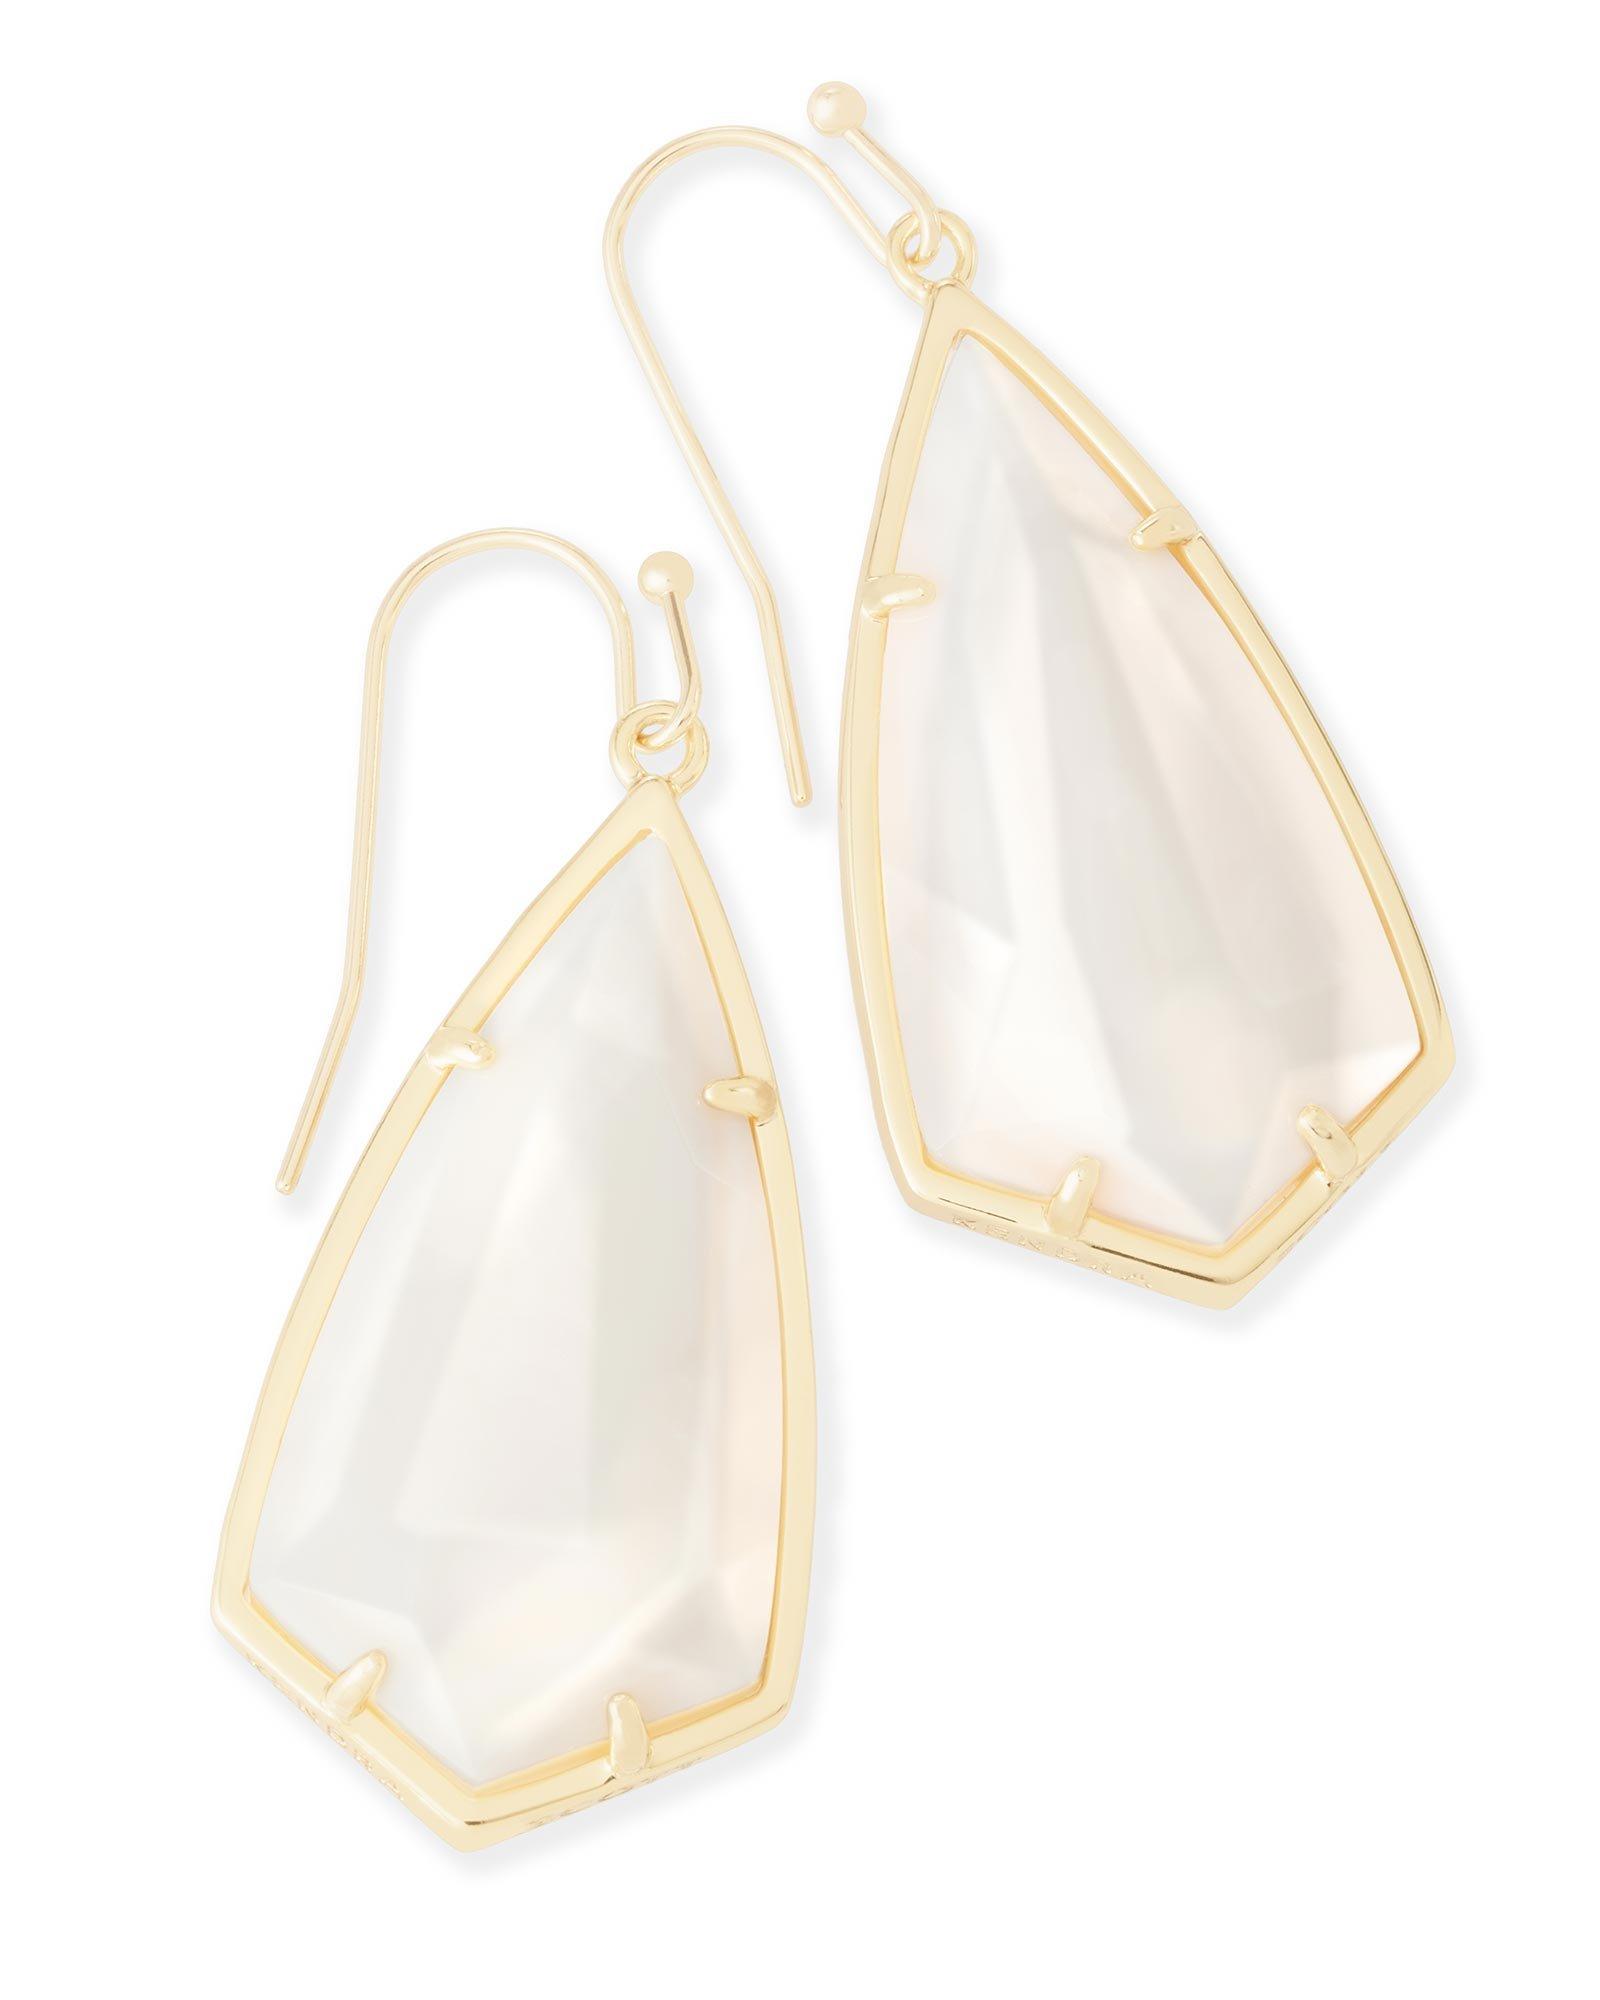 Kendra Scott Carla Drop Earrings In White Pearl